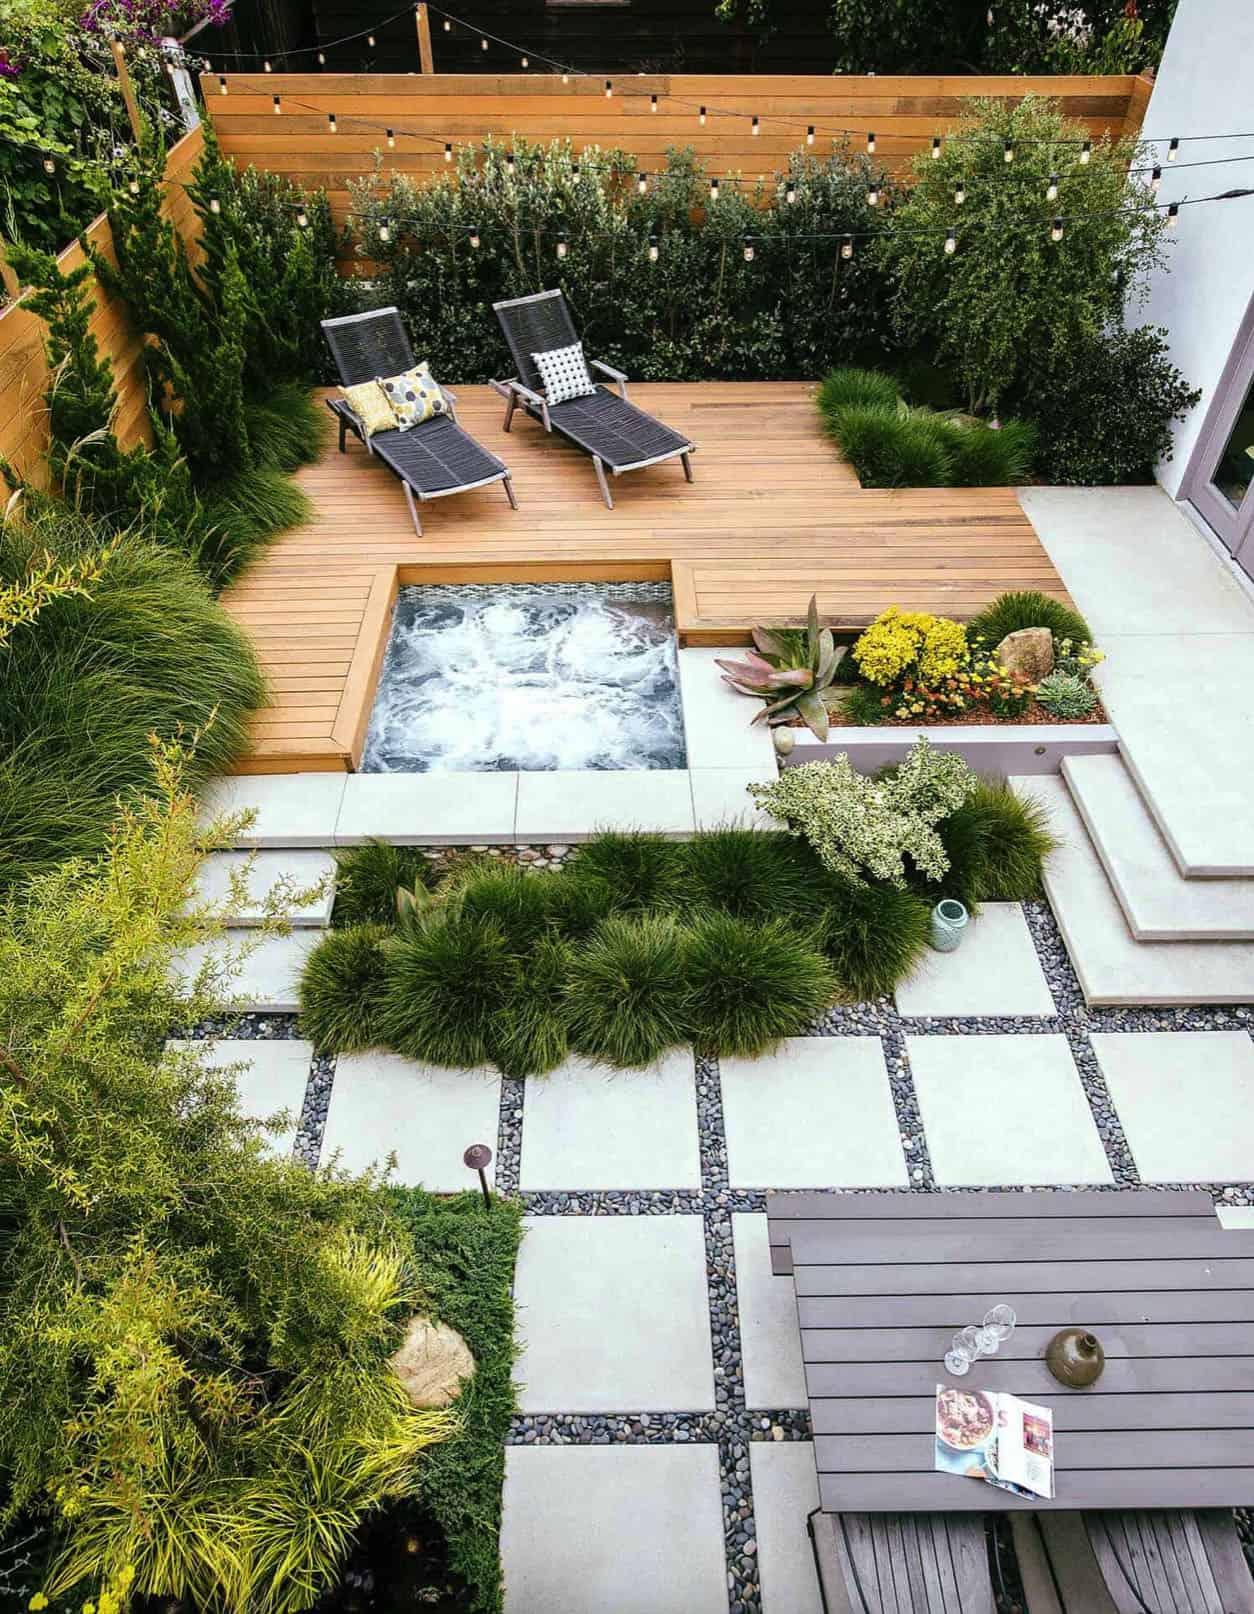 outdoor-jacuzzi-idea